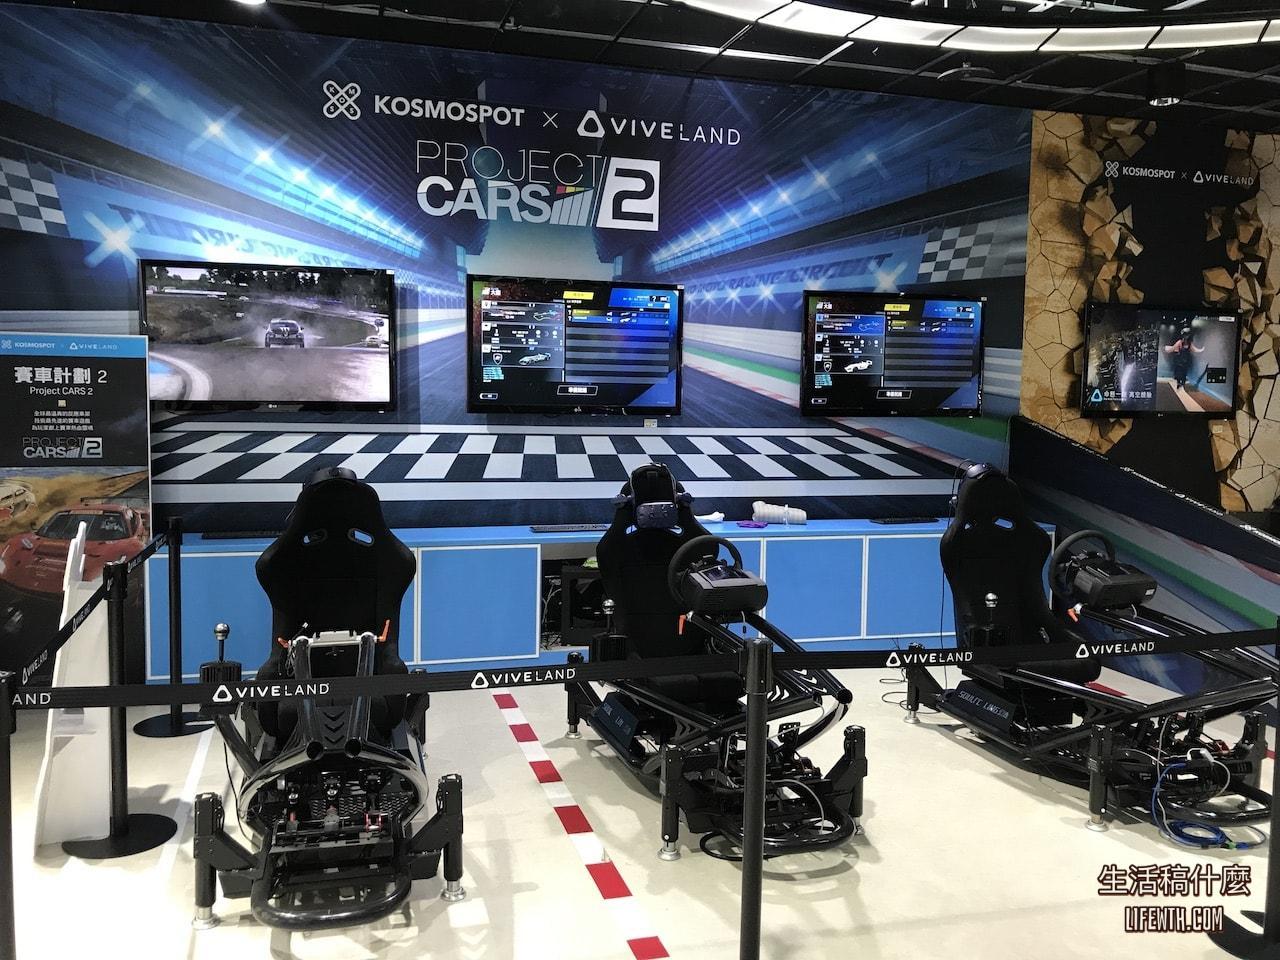 大魯閣草衙道VR viveland虛擬實境樂園/Project CARS虛擬賽車遊戲